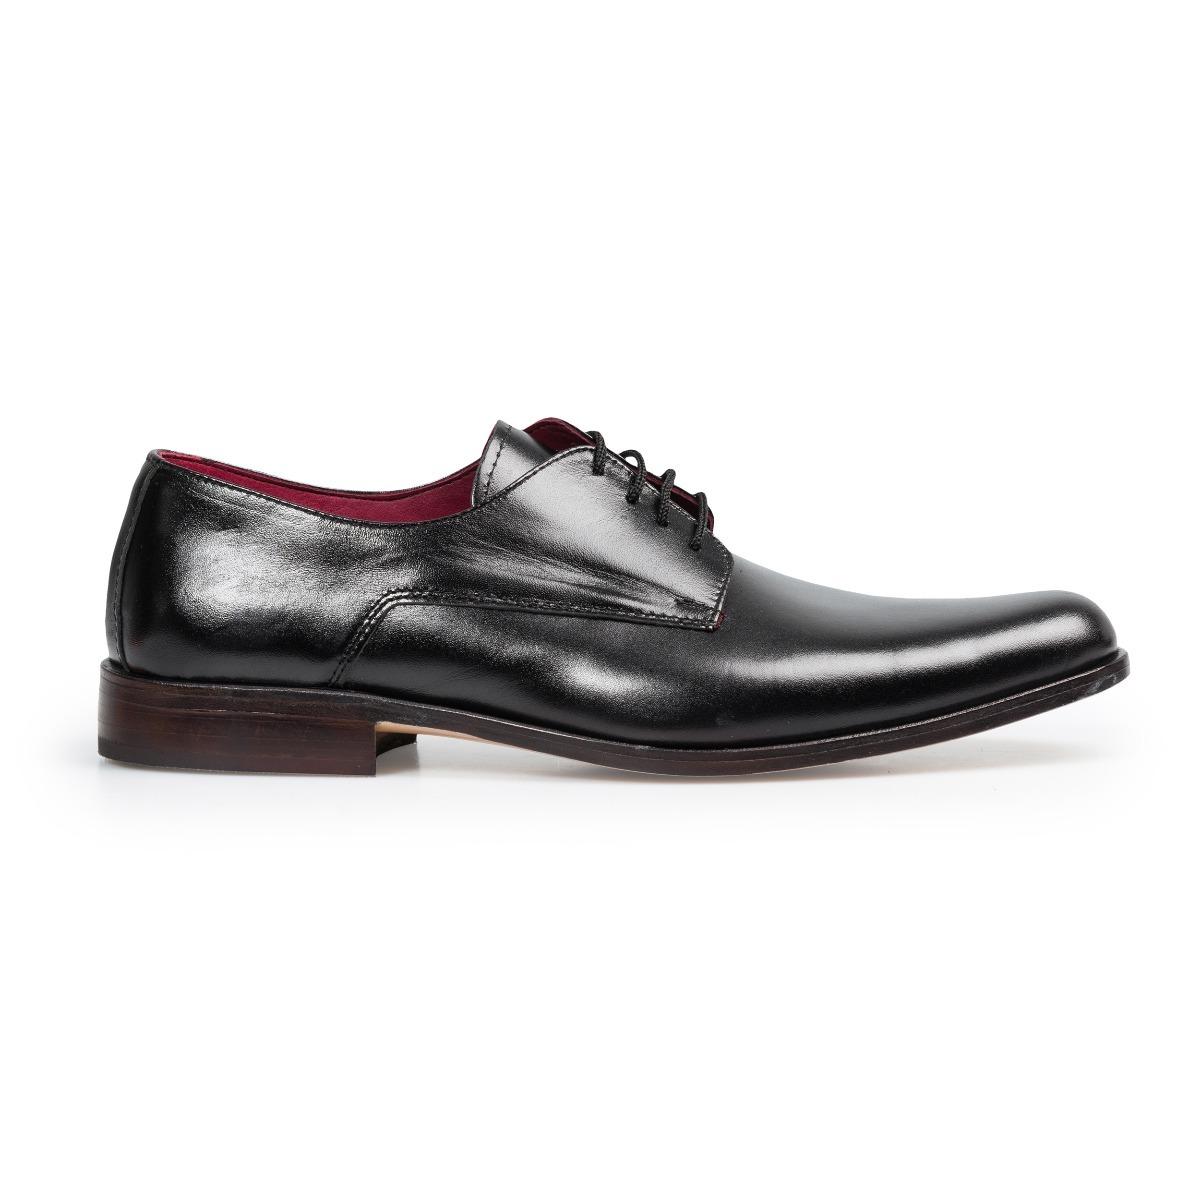 73a2c6afa31 Vestir Fiesta Zoom Negro Formal Zapato Cargando Hombre Sport Cuero De  xnqfzI. ‹